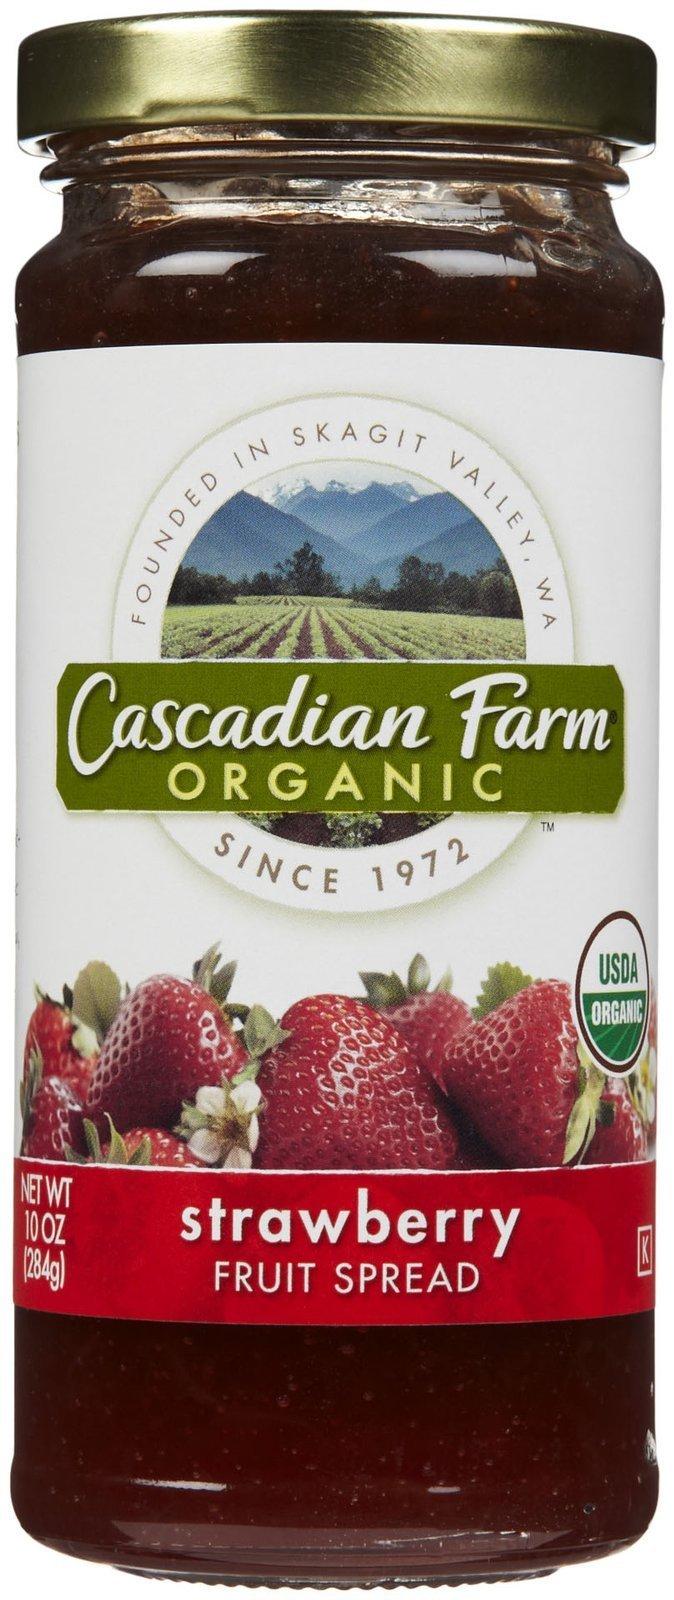 Cascadian Farm Organic Fruit Spread - Strawberry - 10 oz